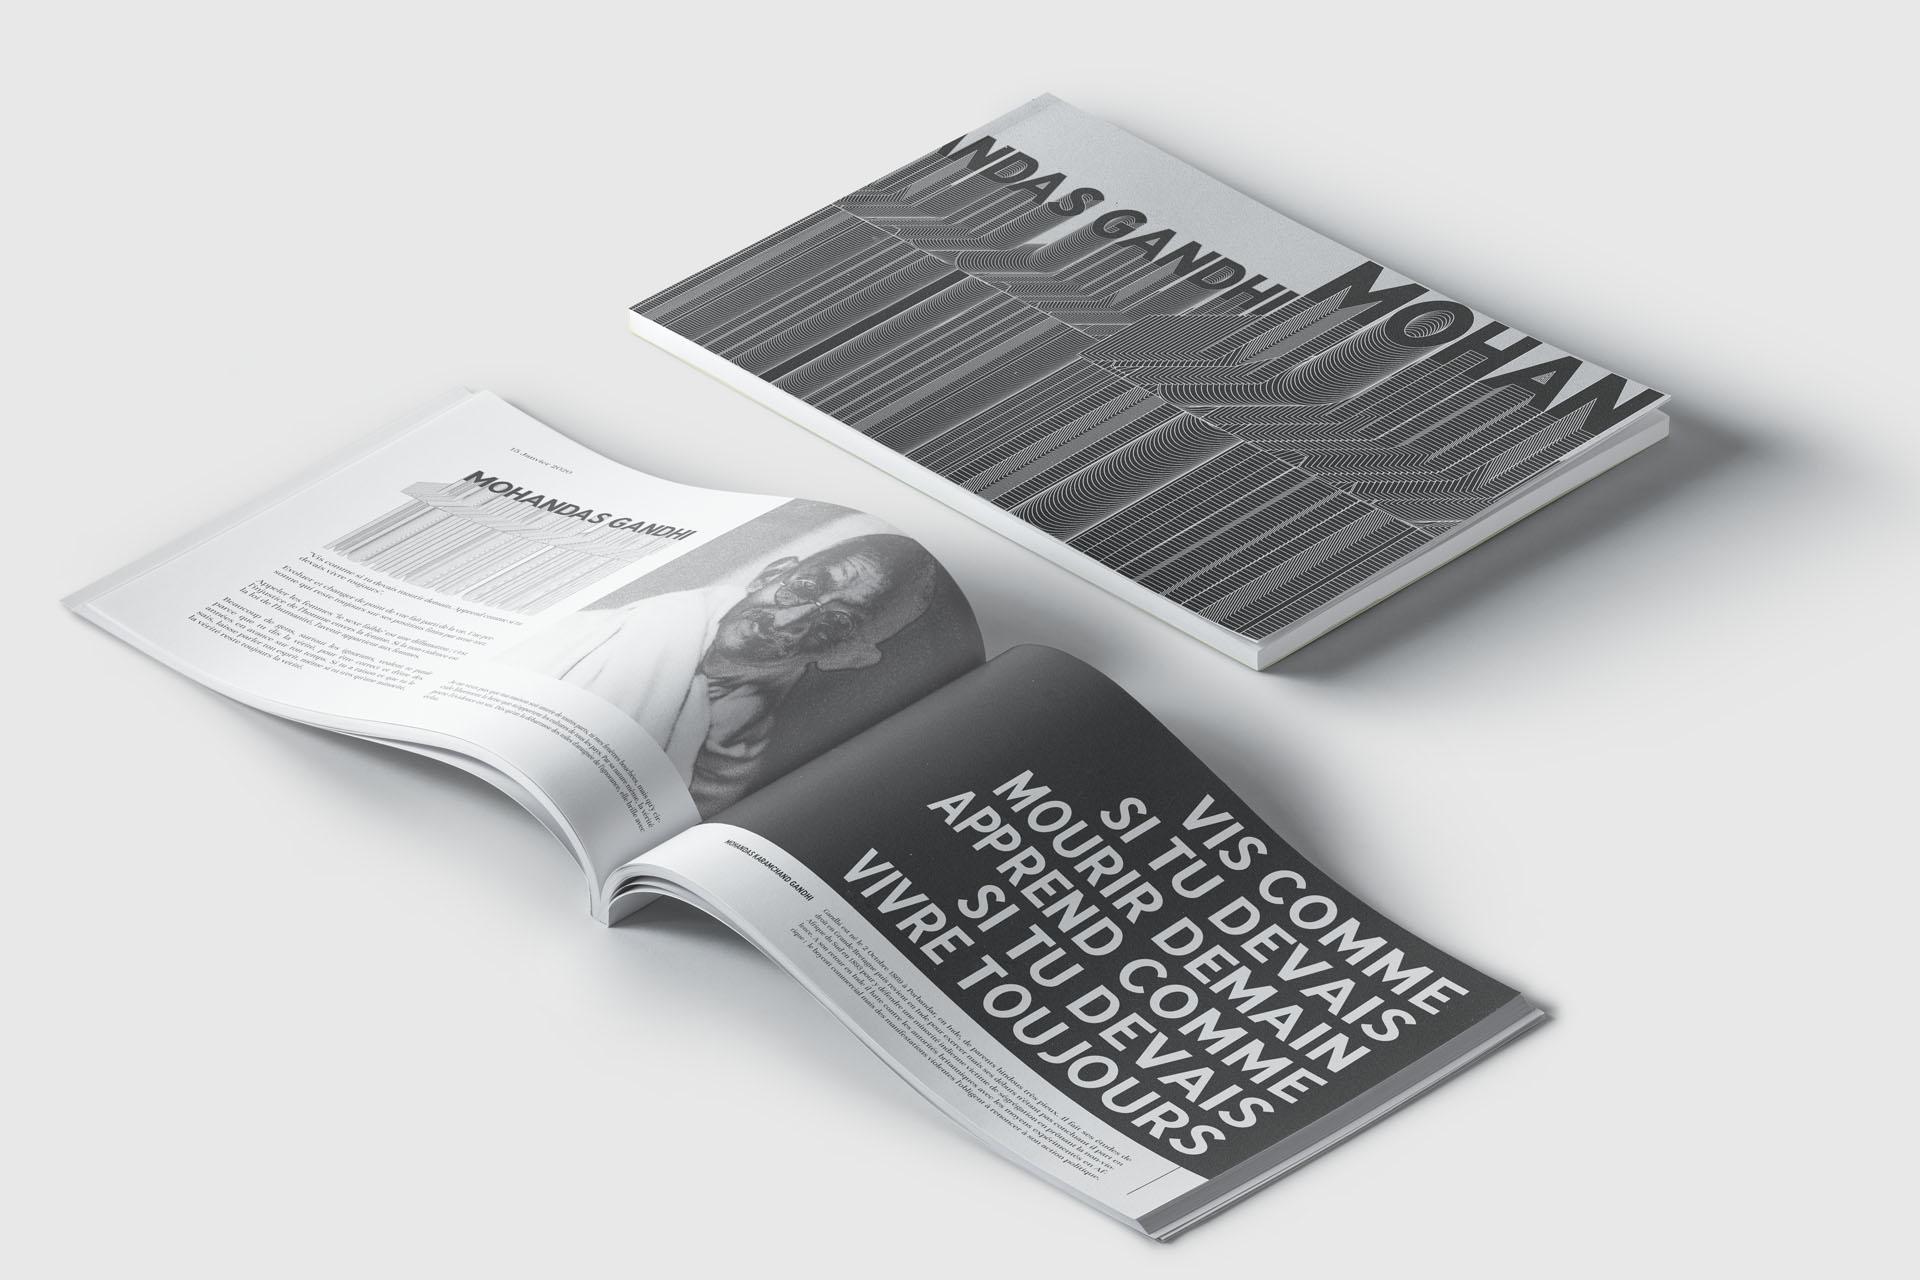 Typographie gyptian font utilisation graphique par maison màj